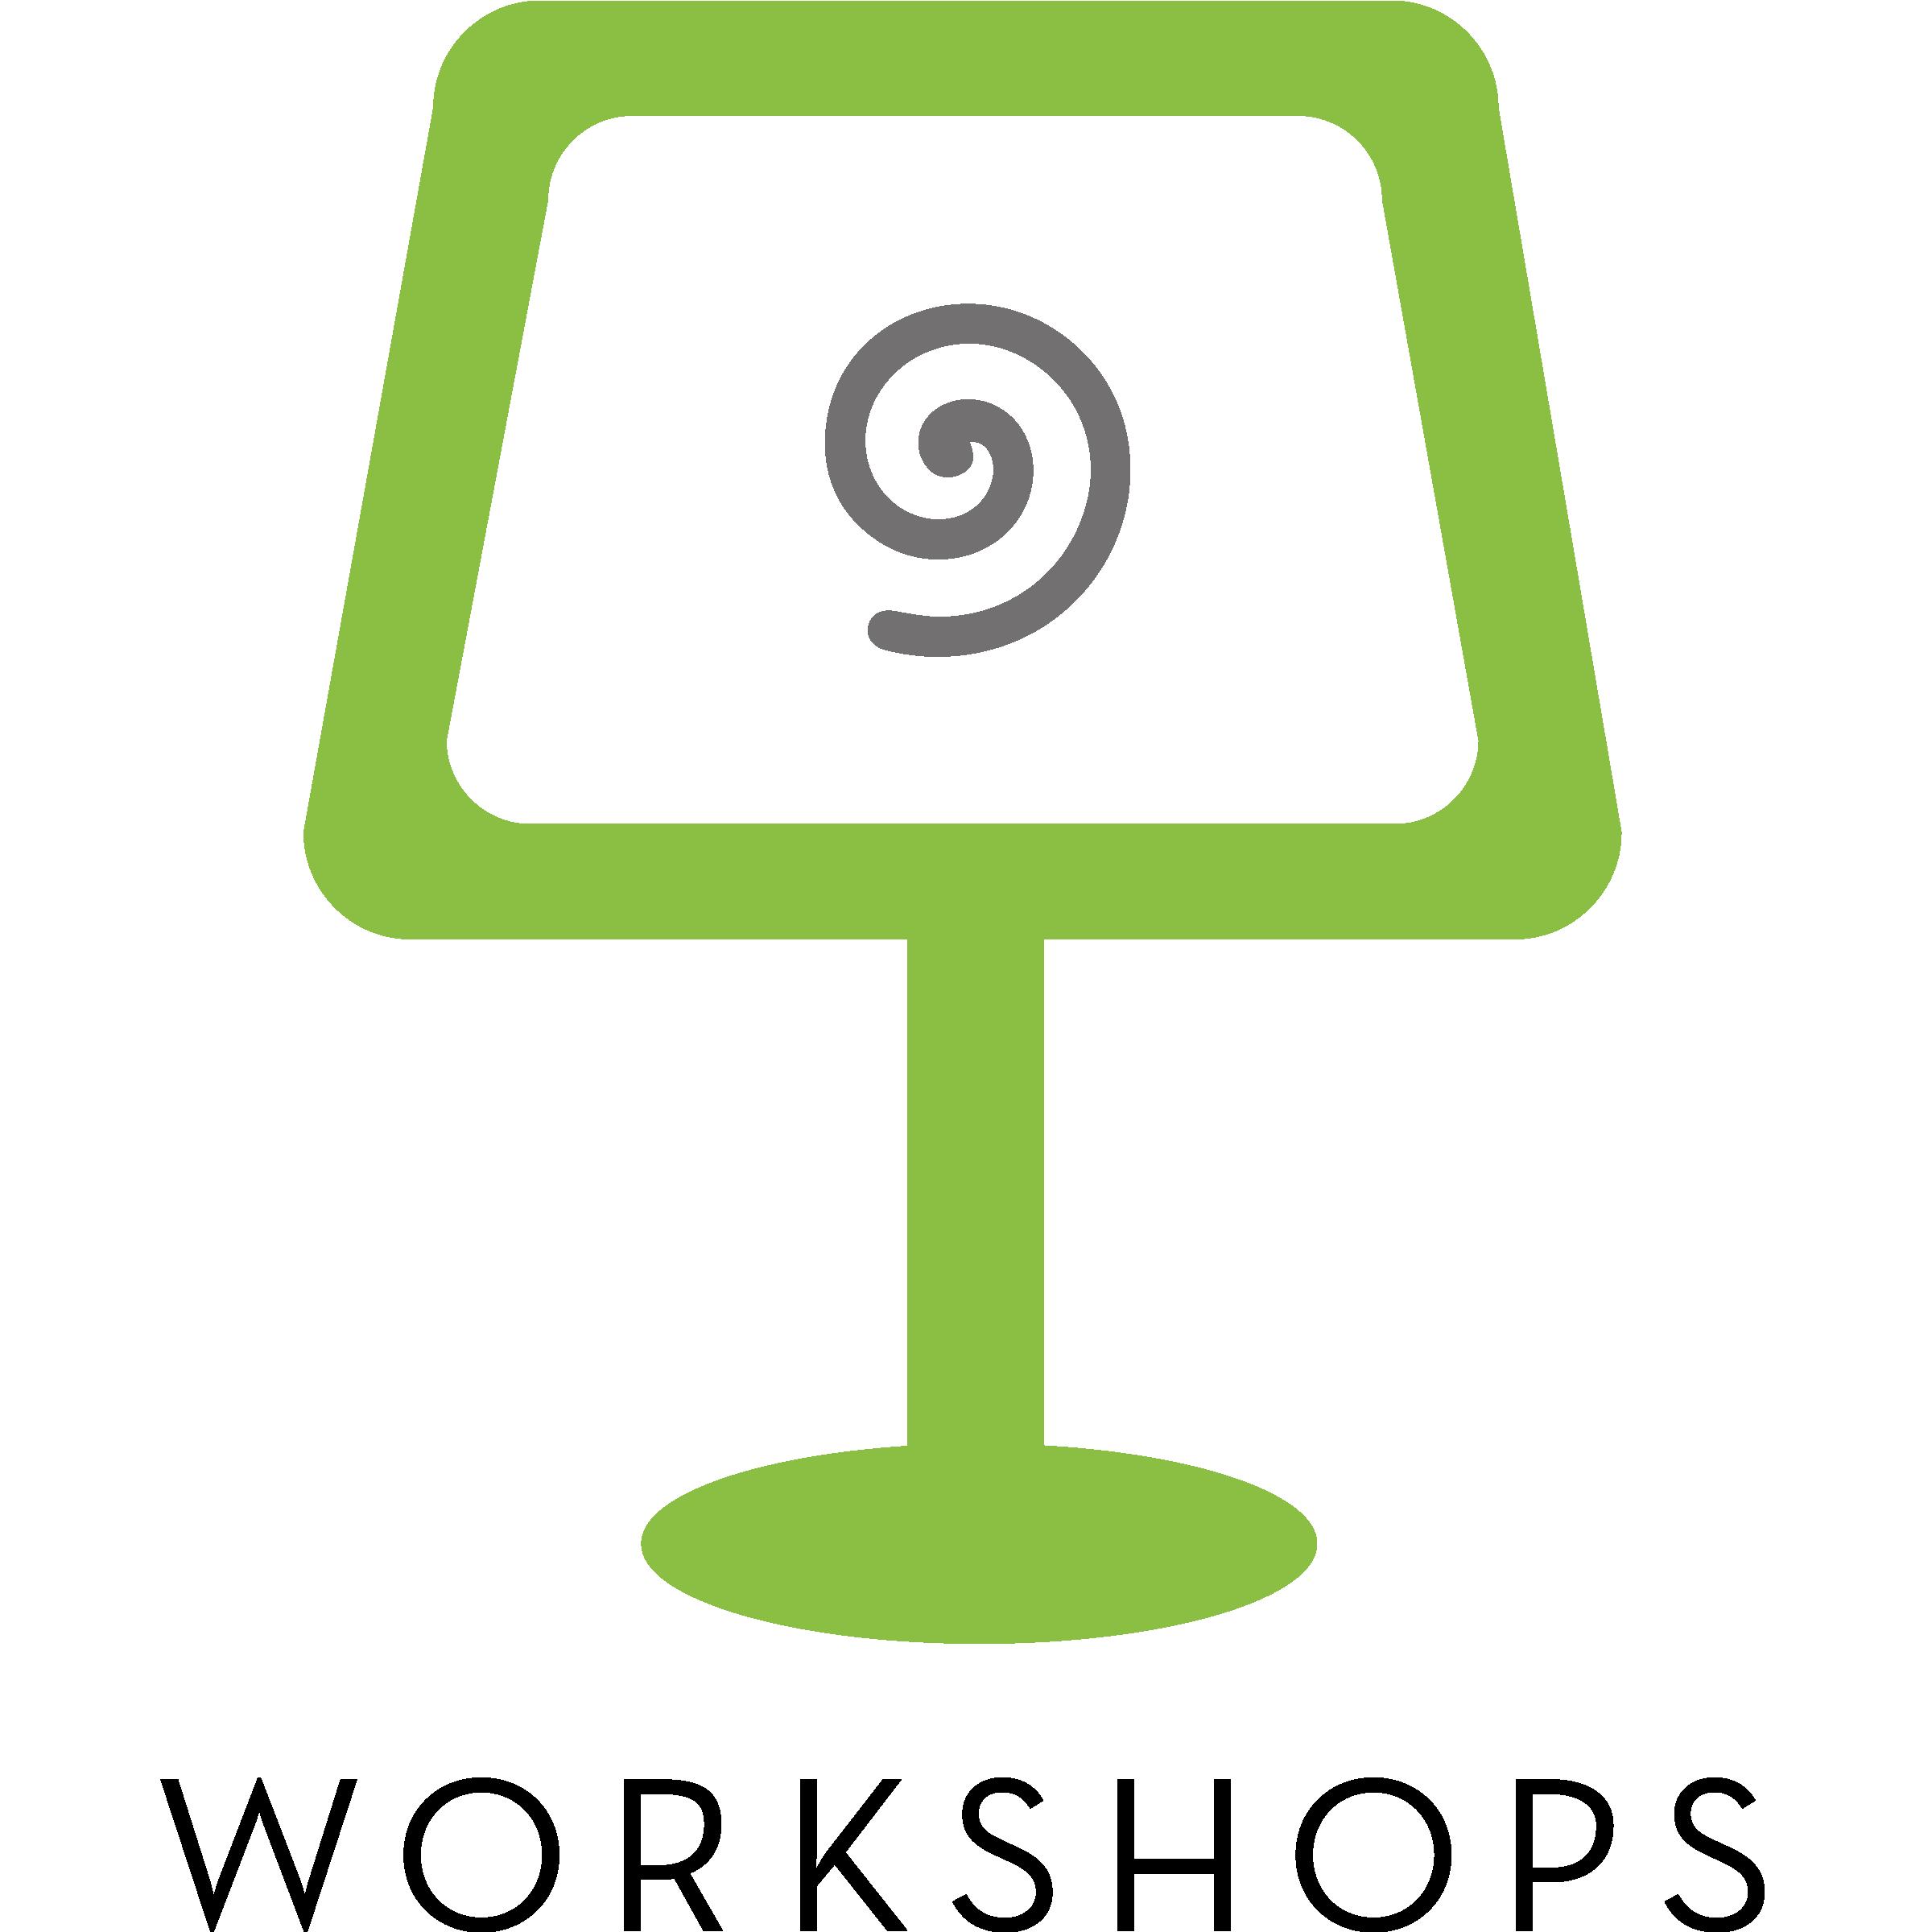 Workshops-01.png